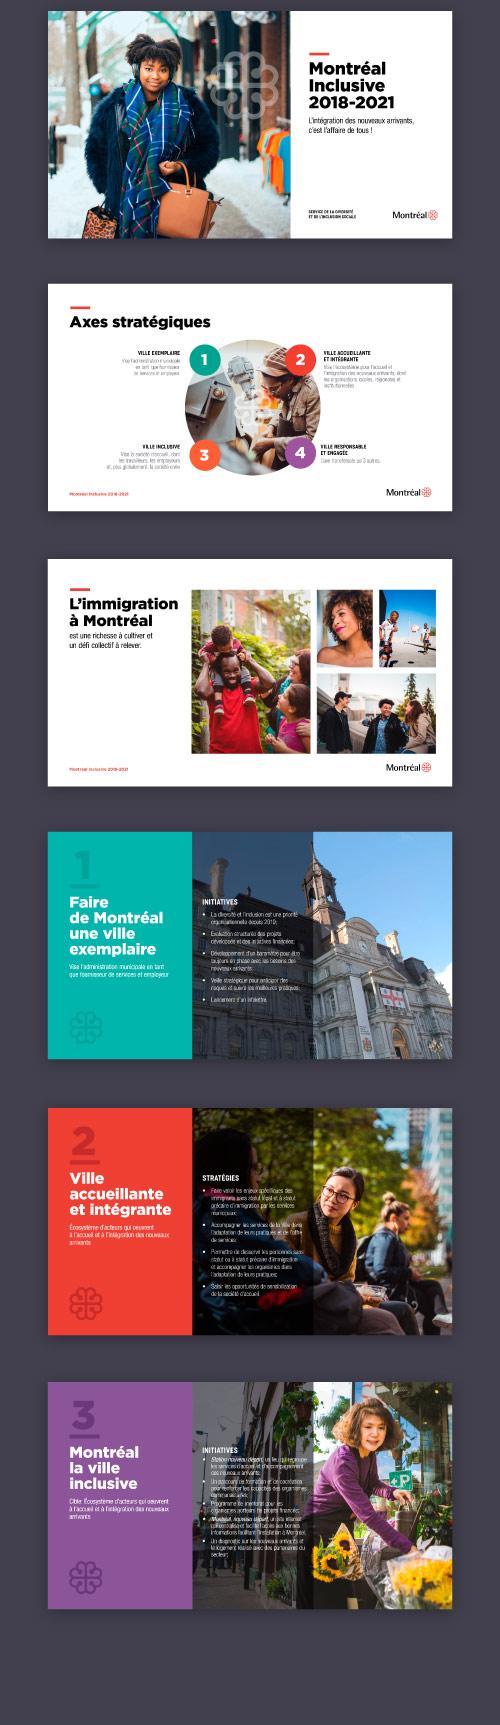 Design présentation : Montréal Inclusive